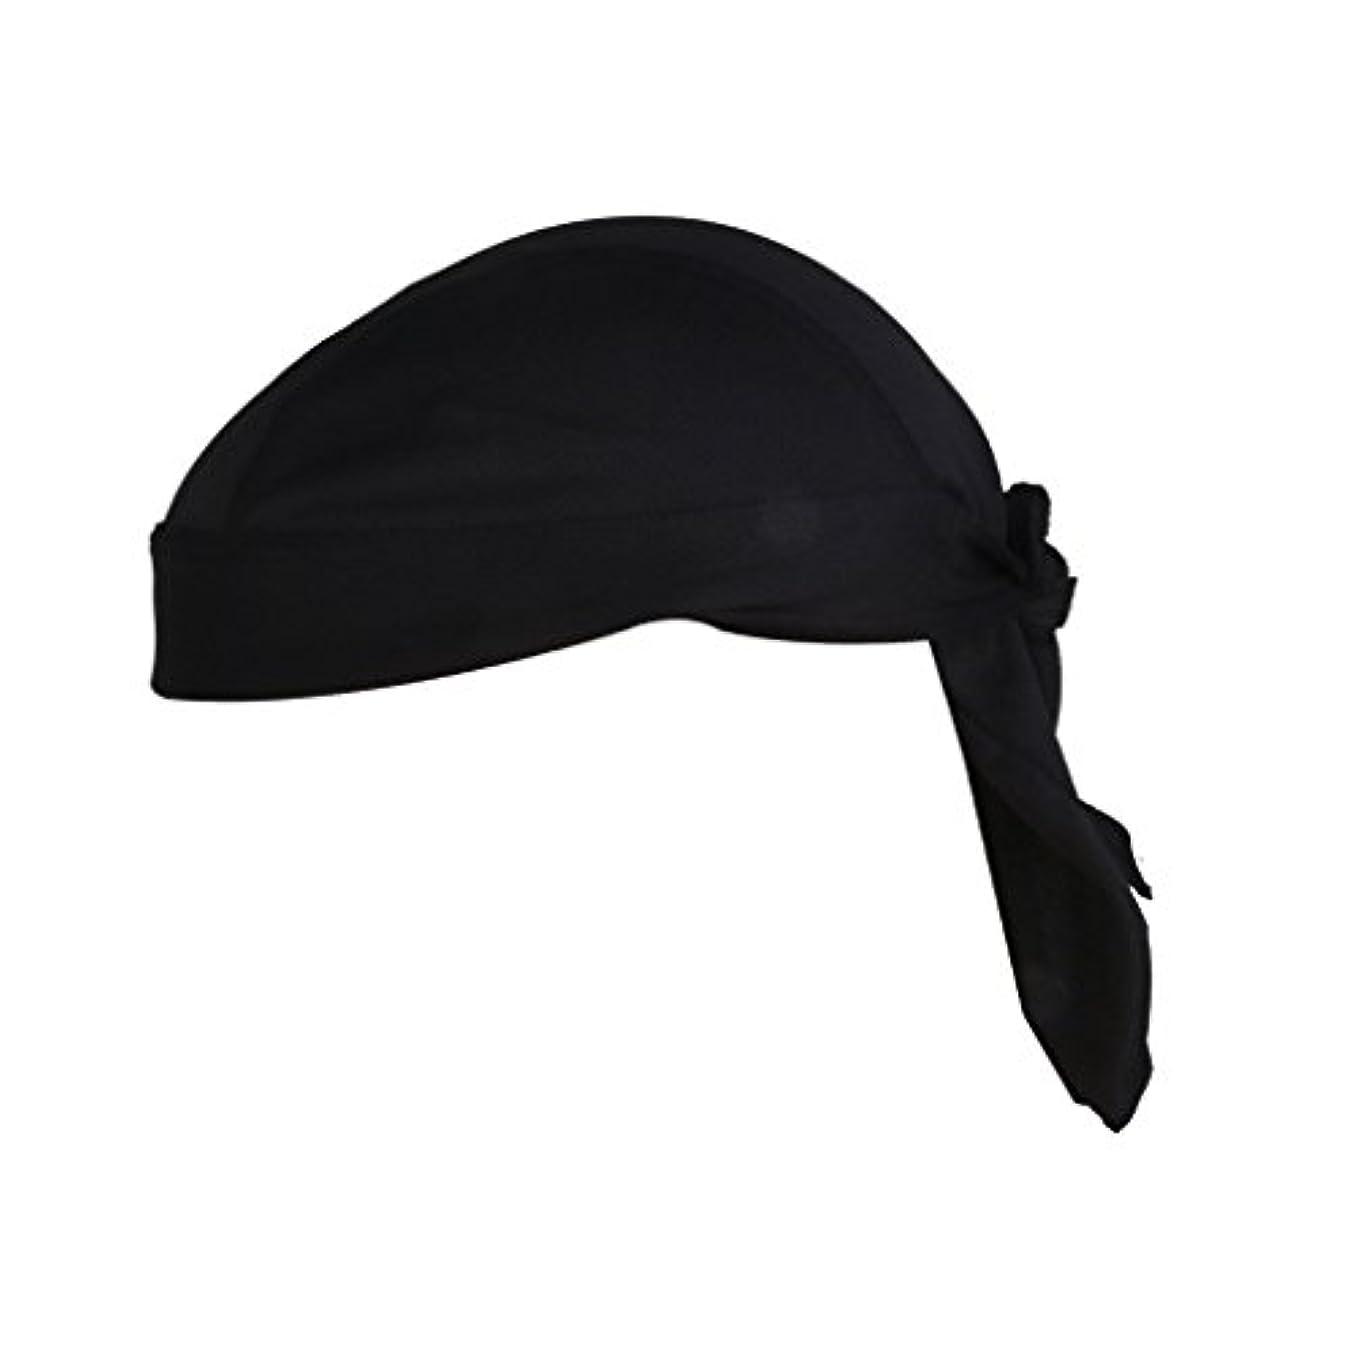 ひいきにするスタウトスパイSherry 熱中症 予防 海賊スカーフ バンダナ帽 キャップ ビーニー スカル 自転車 バンダナ UV 野外活動 ハイキング